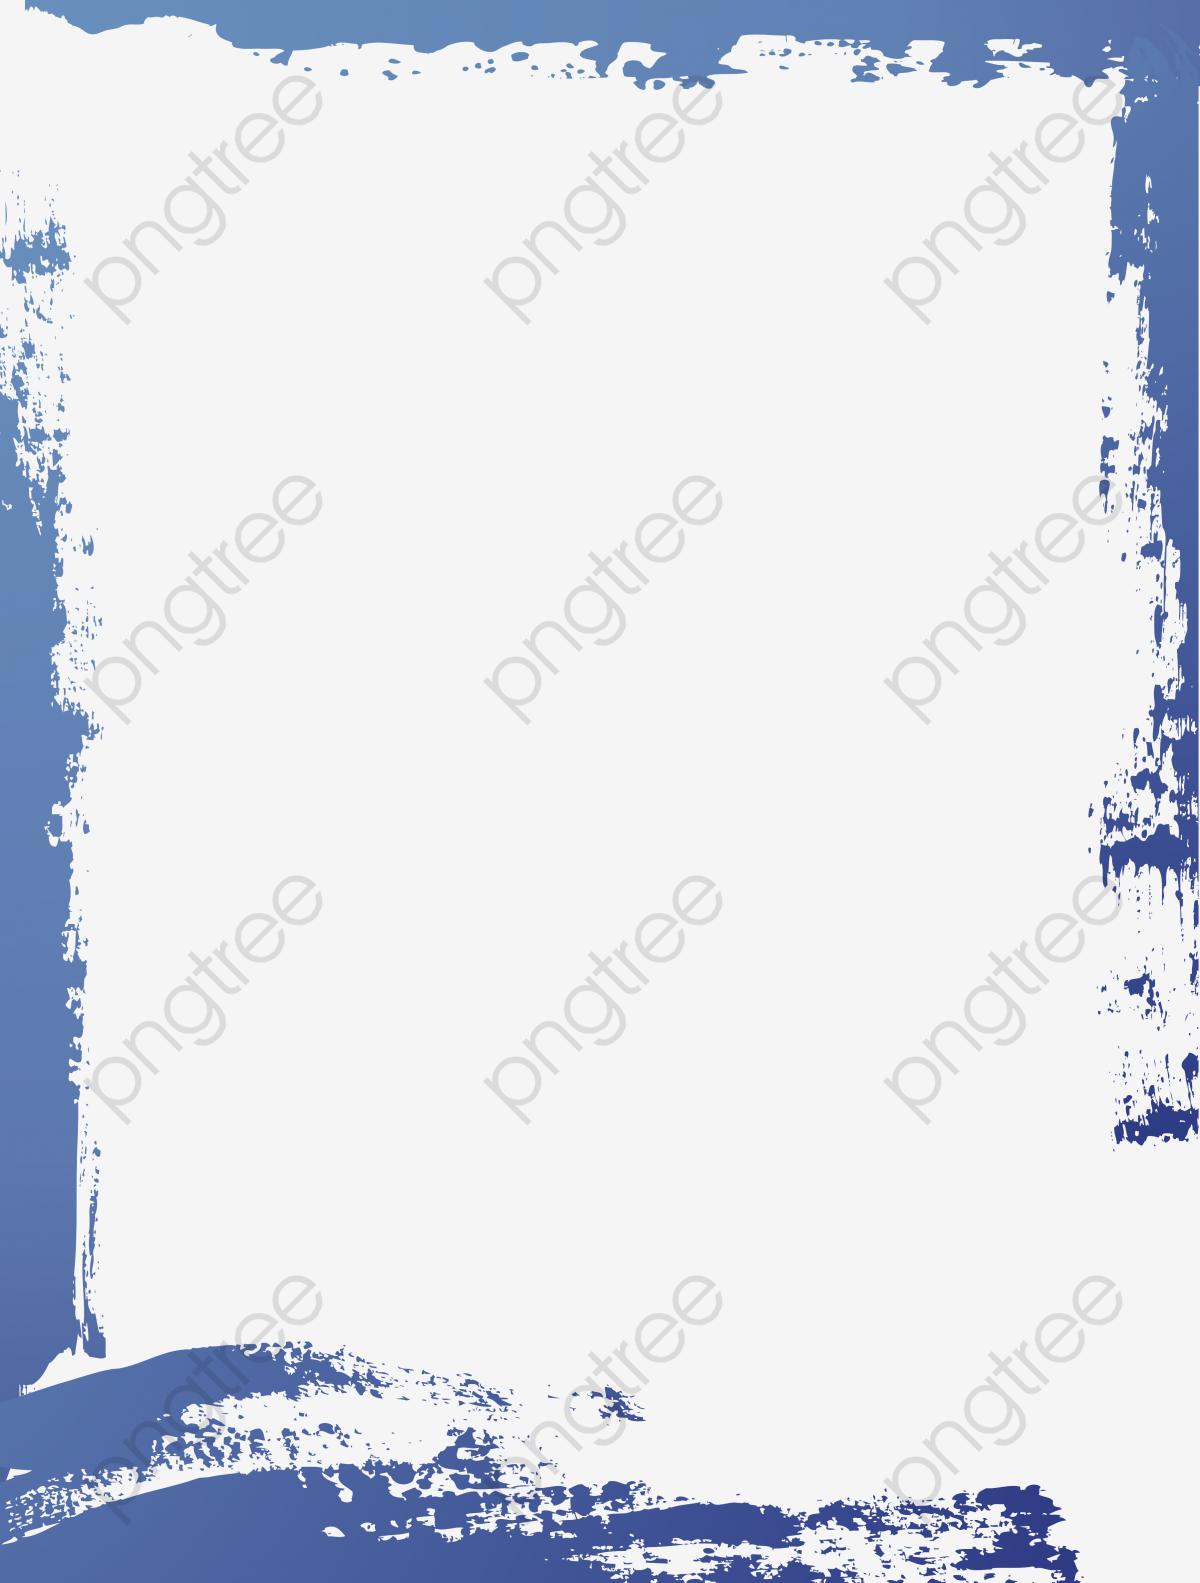 bordure bordure le texte de l image d arri u00e8re plan